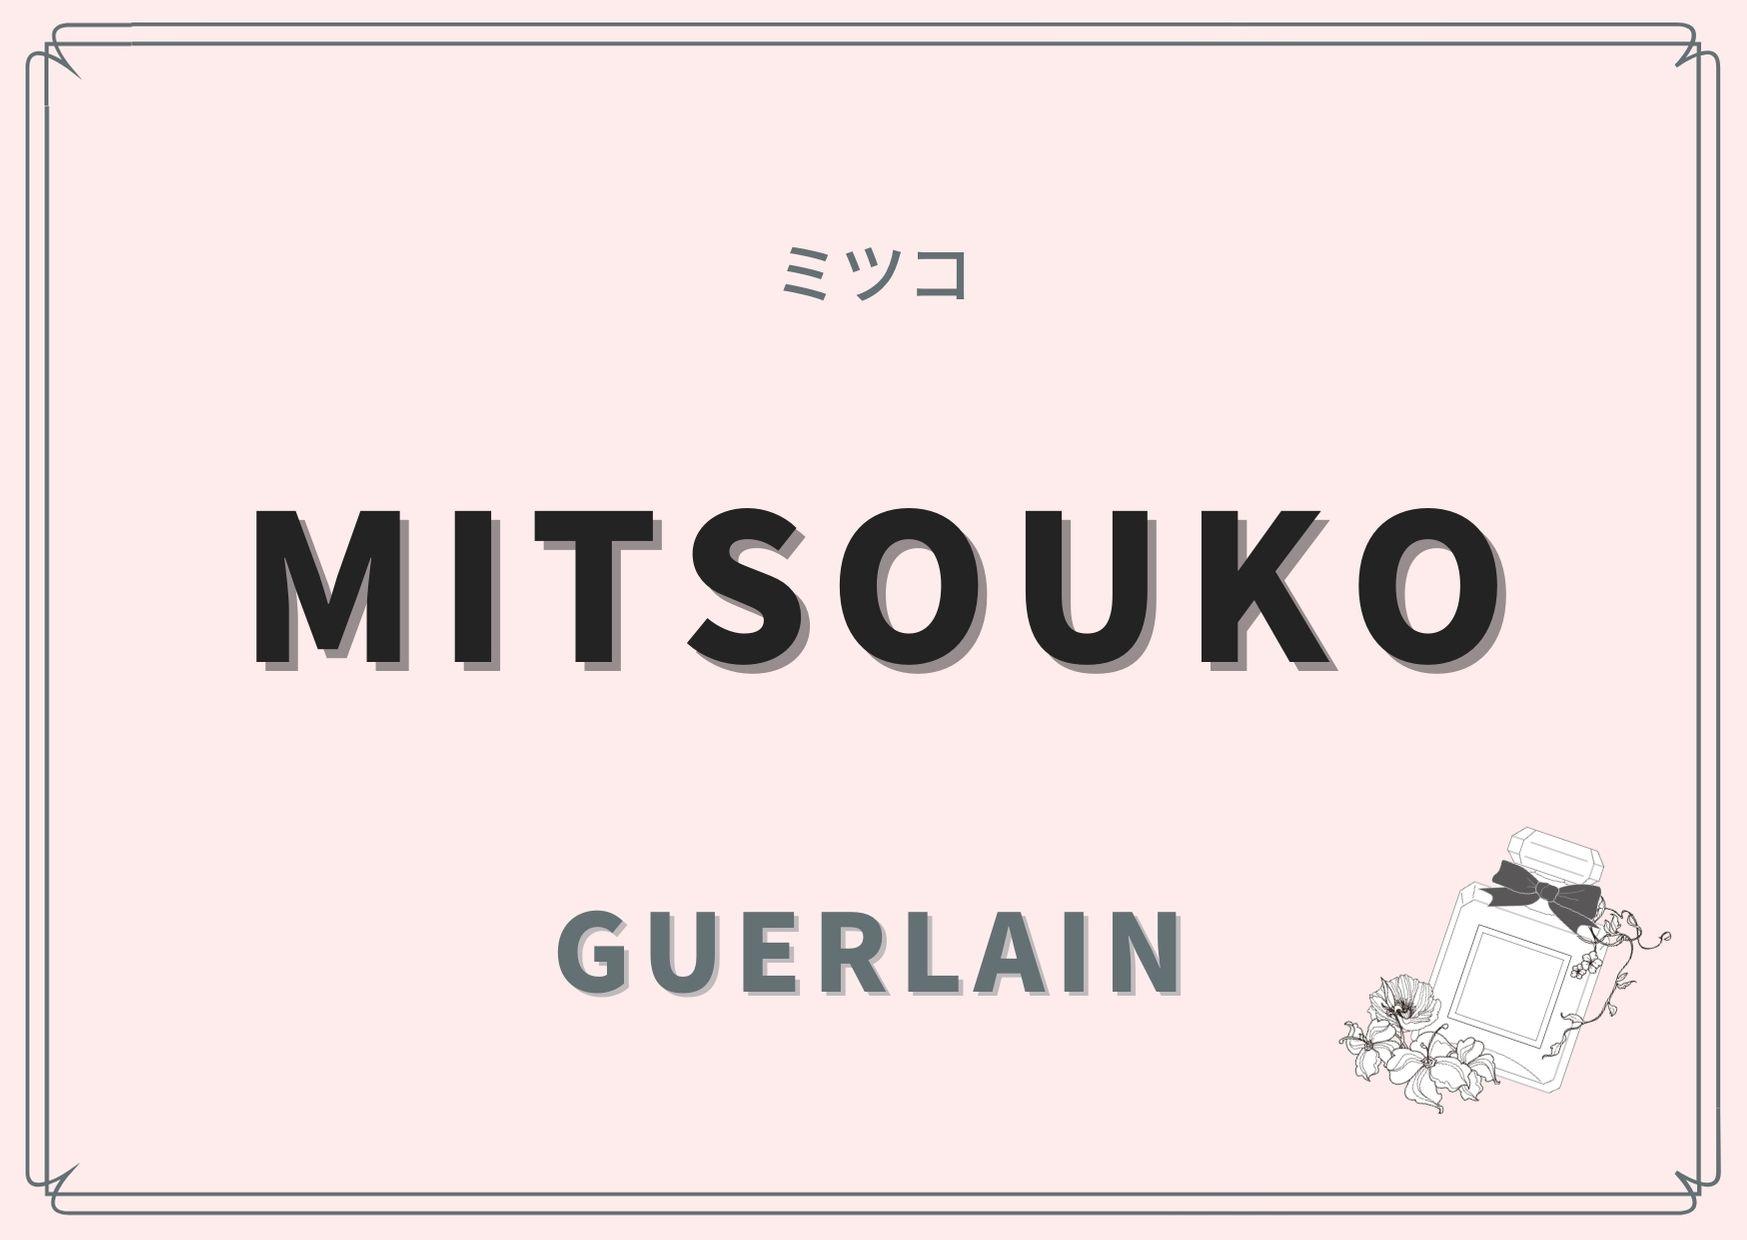 MITSOUKO(ミツコ)/GUERLAIN(ゲラン)